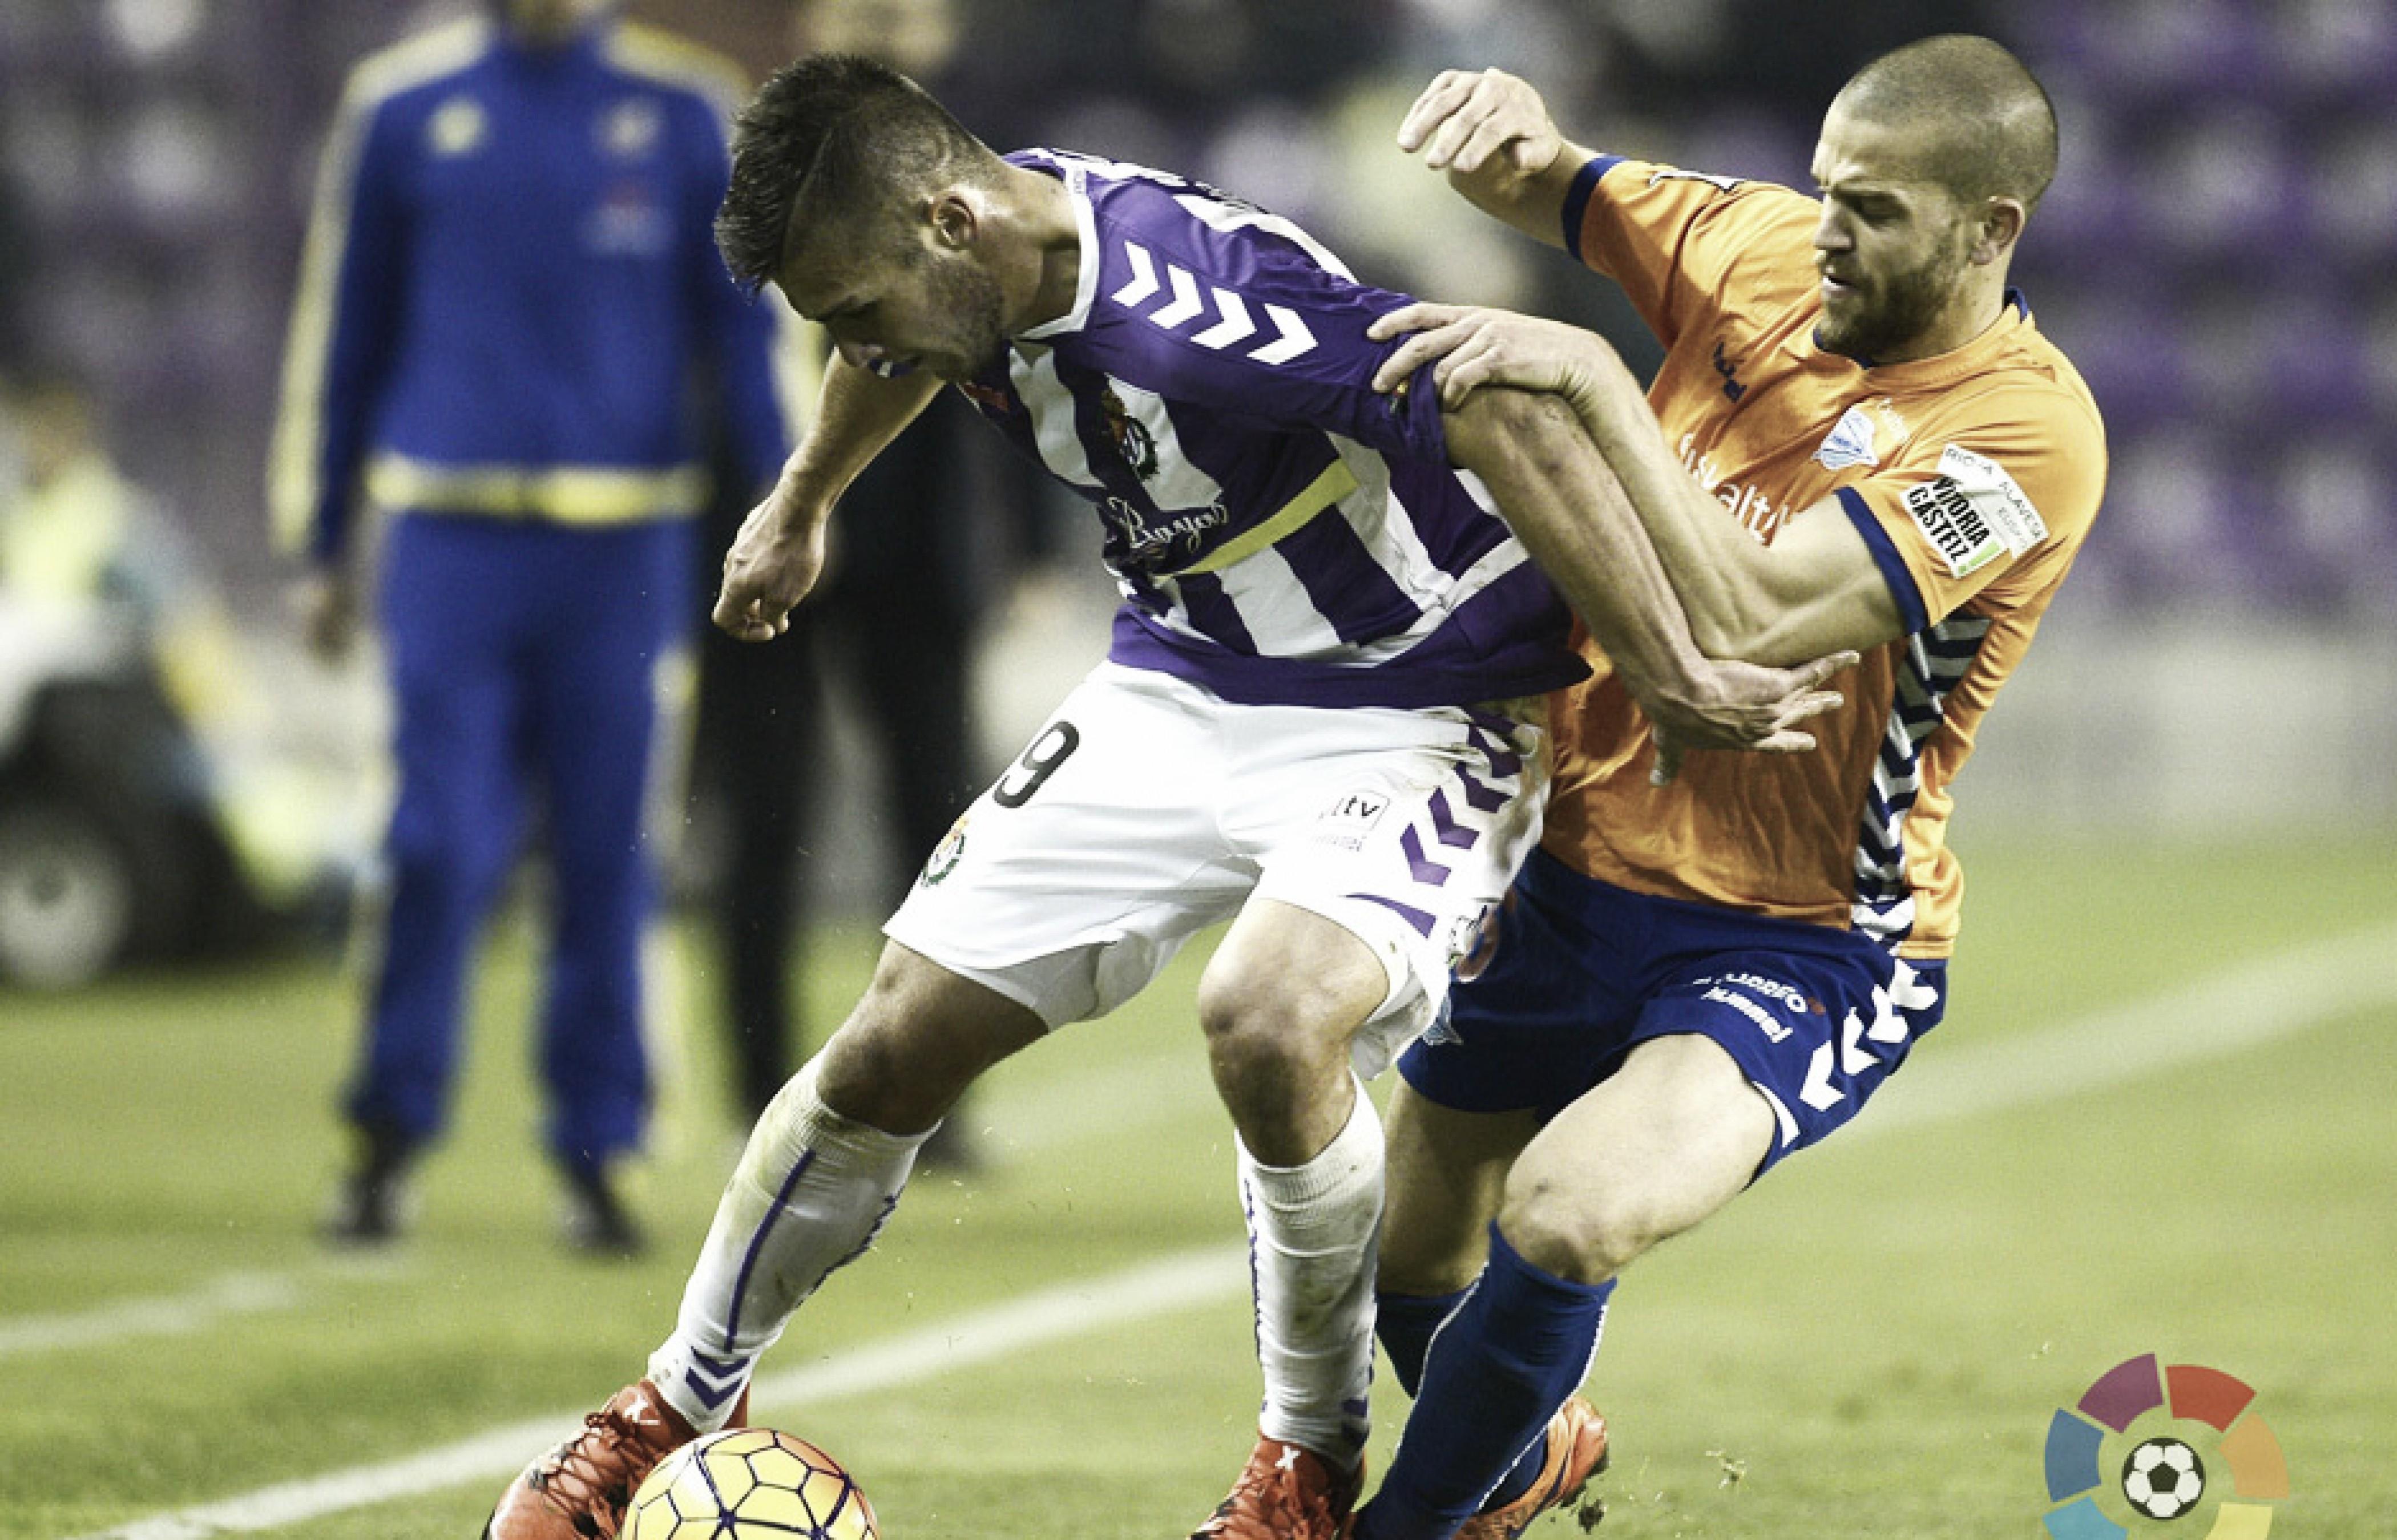 Claves del Real Valladolid - Alavés: pucela, con la necesidad de ganar